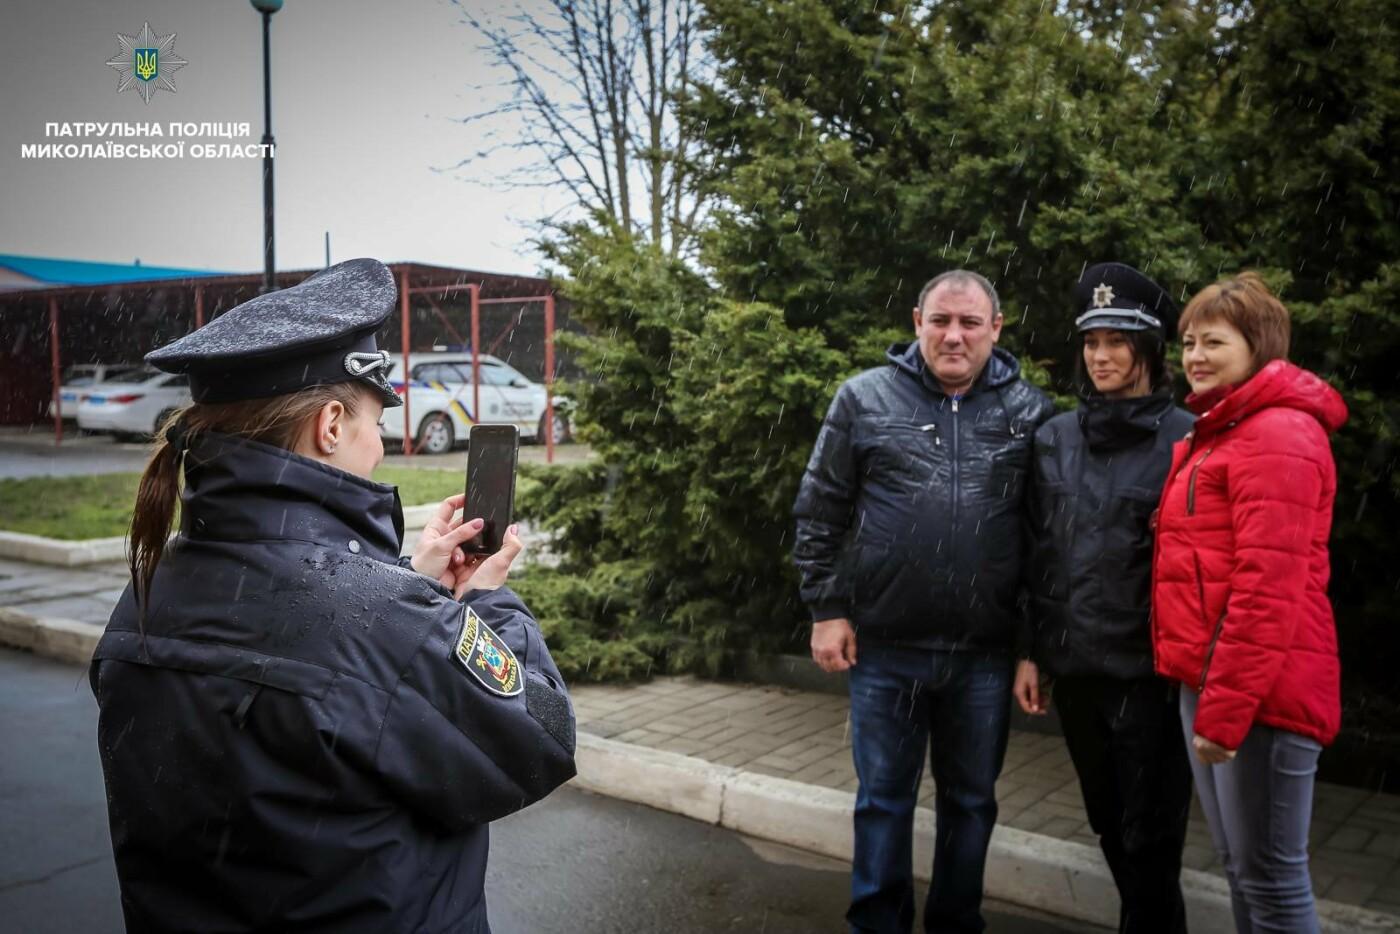 В Николаеве 18 полицейских присягнули на верность украинскому народу, - ФОТО, фото-6